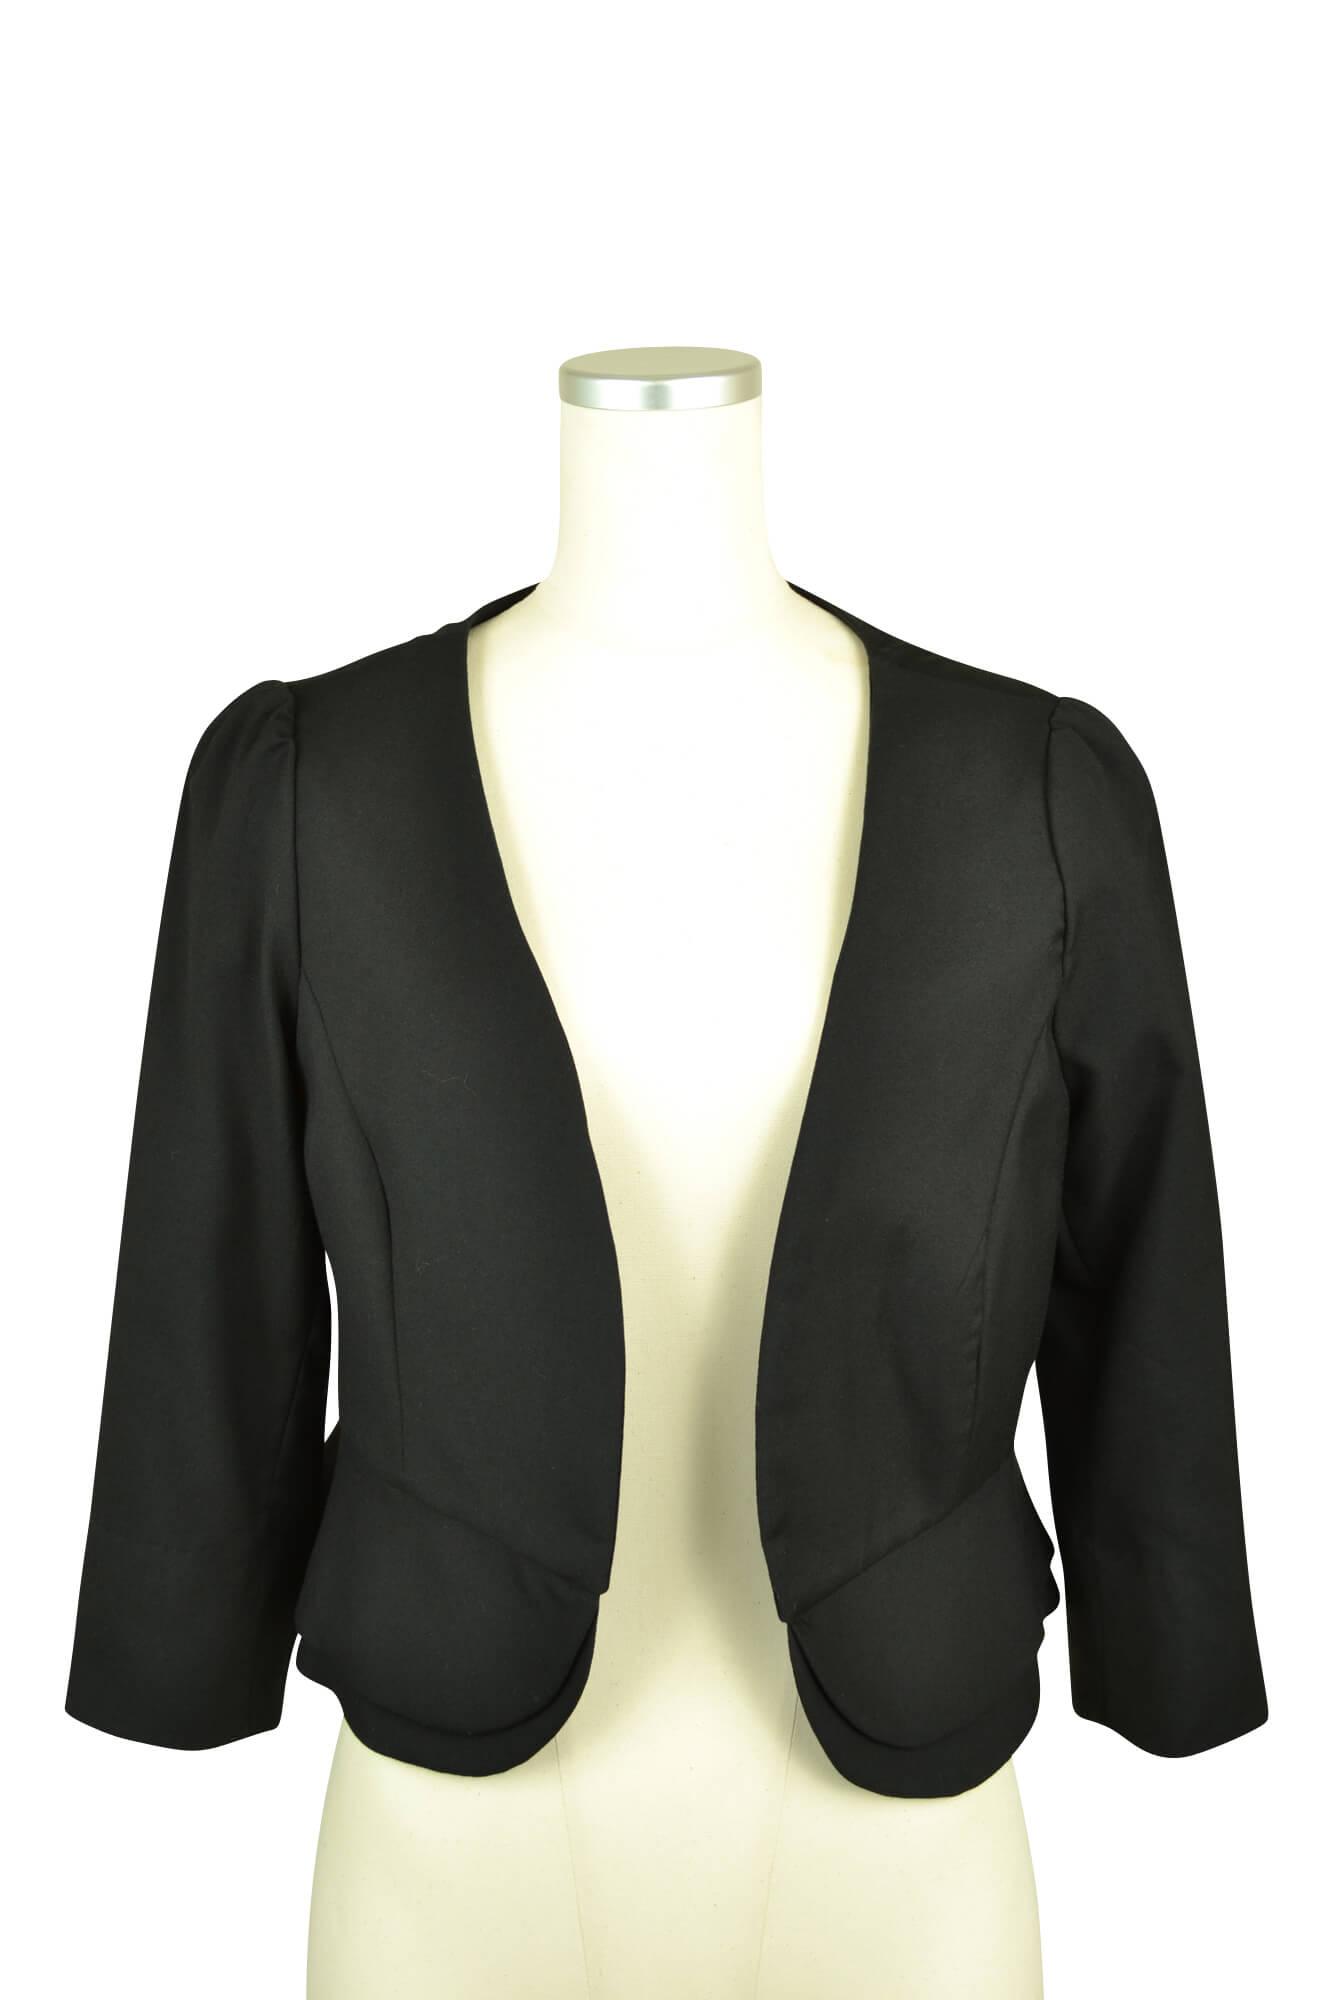 デリセノアール (DELLISE NOIR)ブラック7分袖ノーカラージャケット